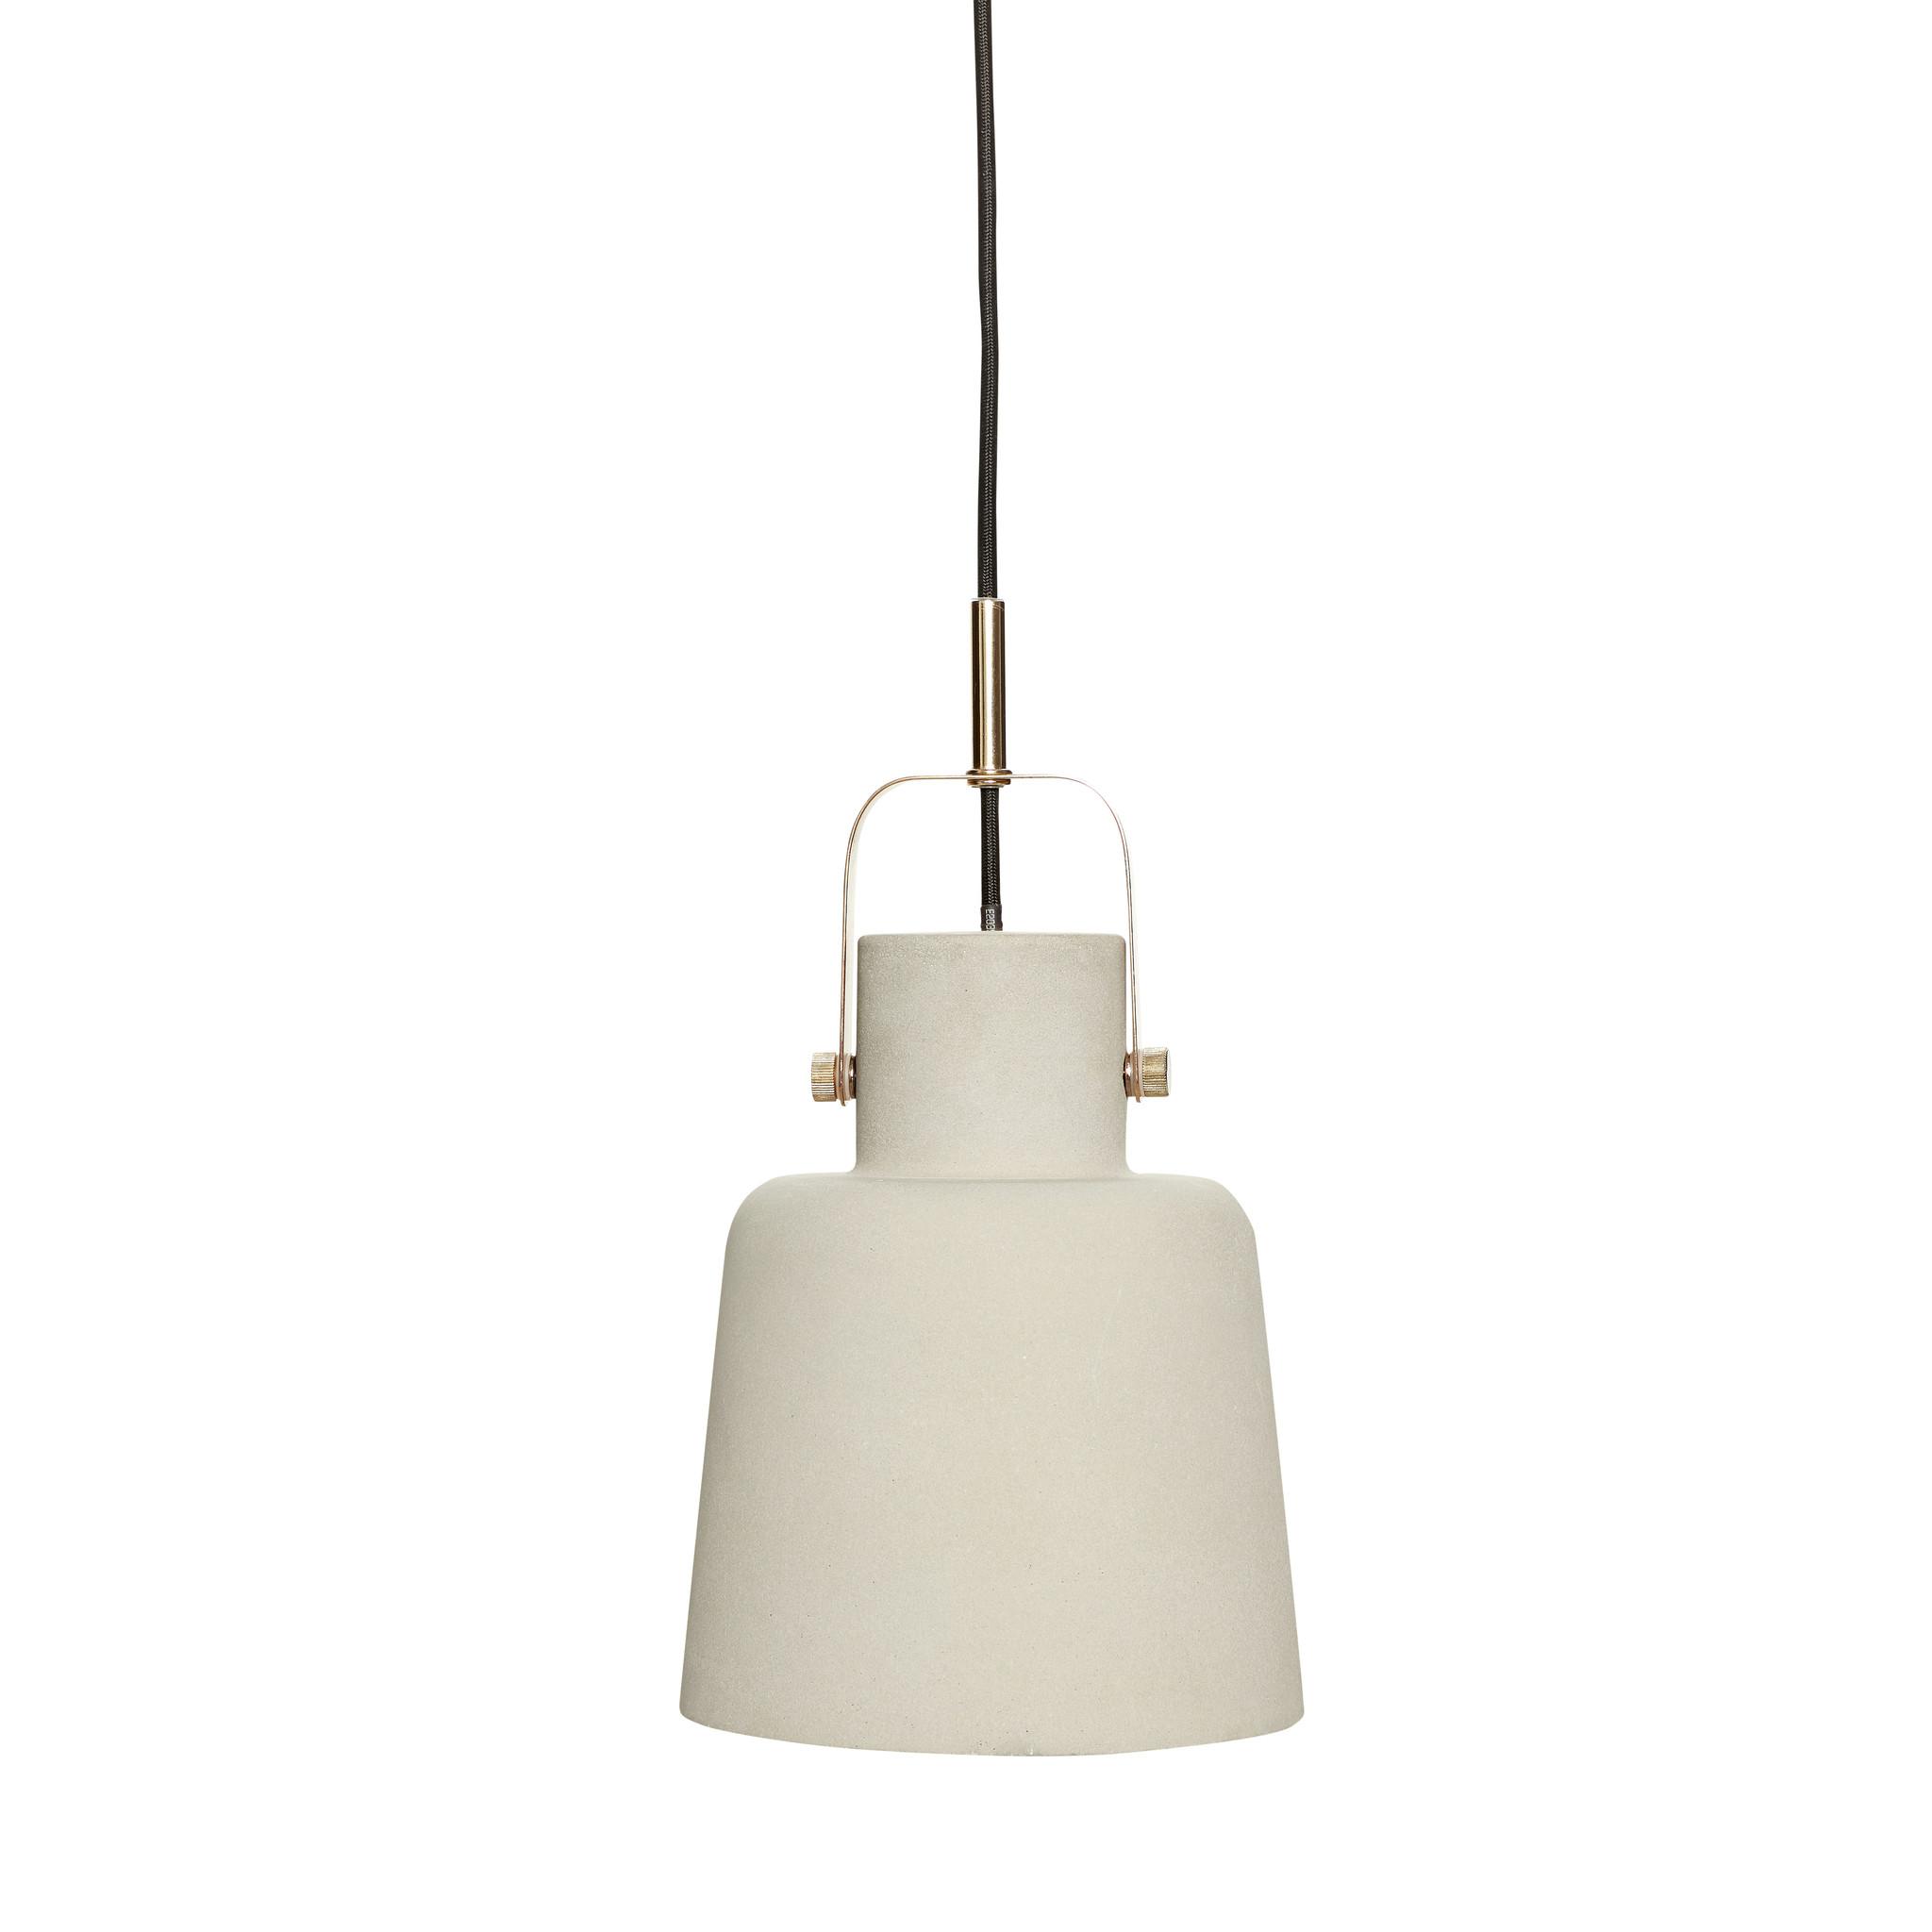 Hubsch Lamp, beton / messing-370219-5712772052860